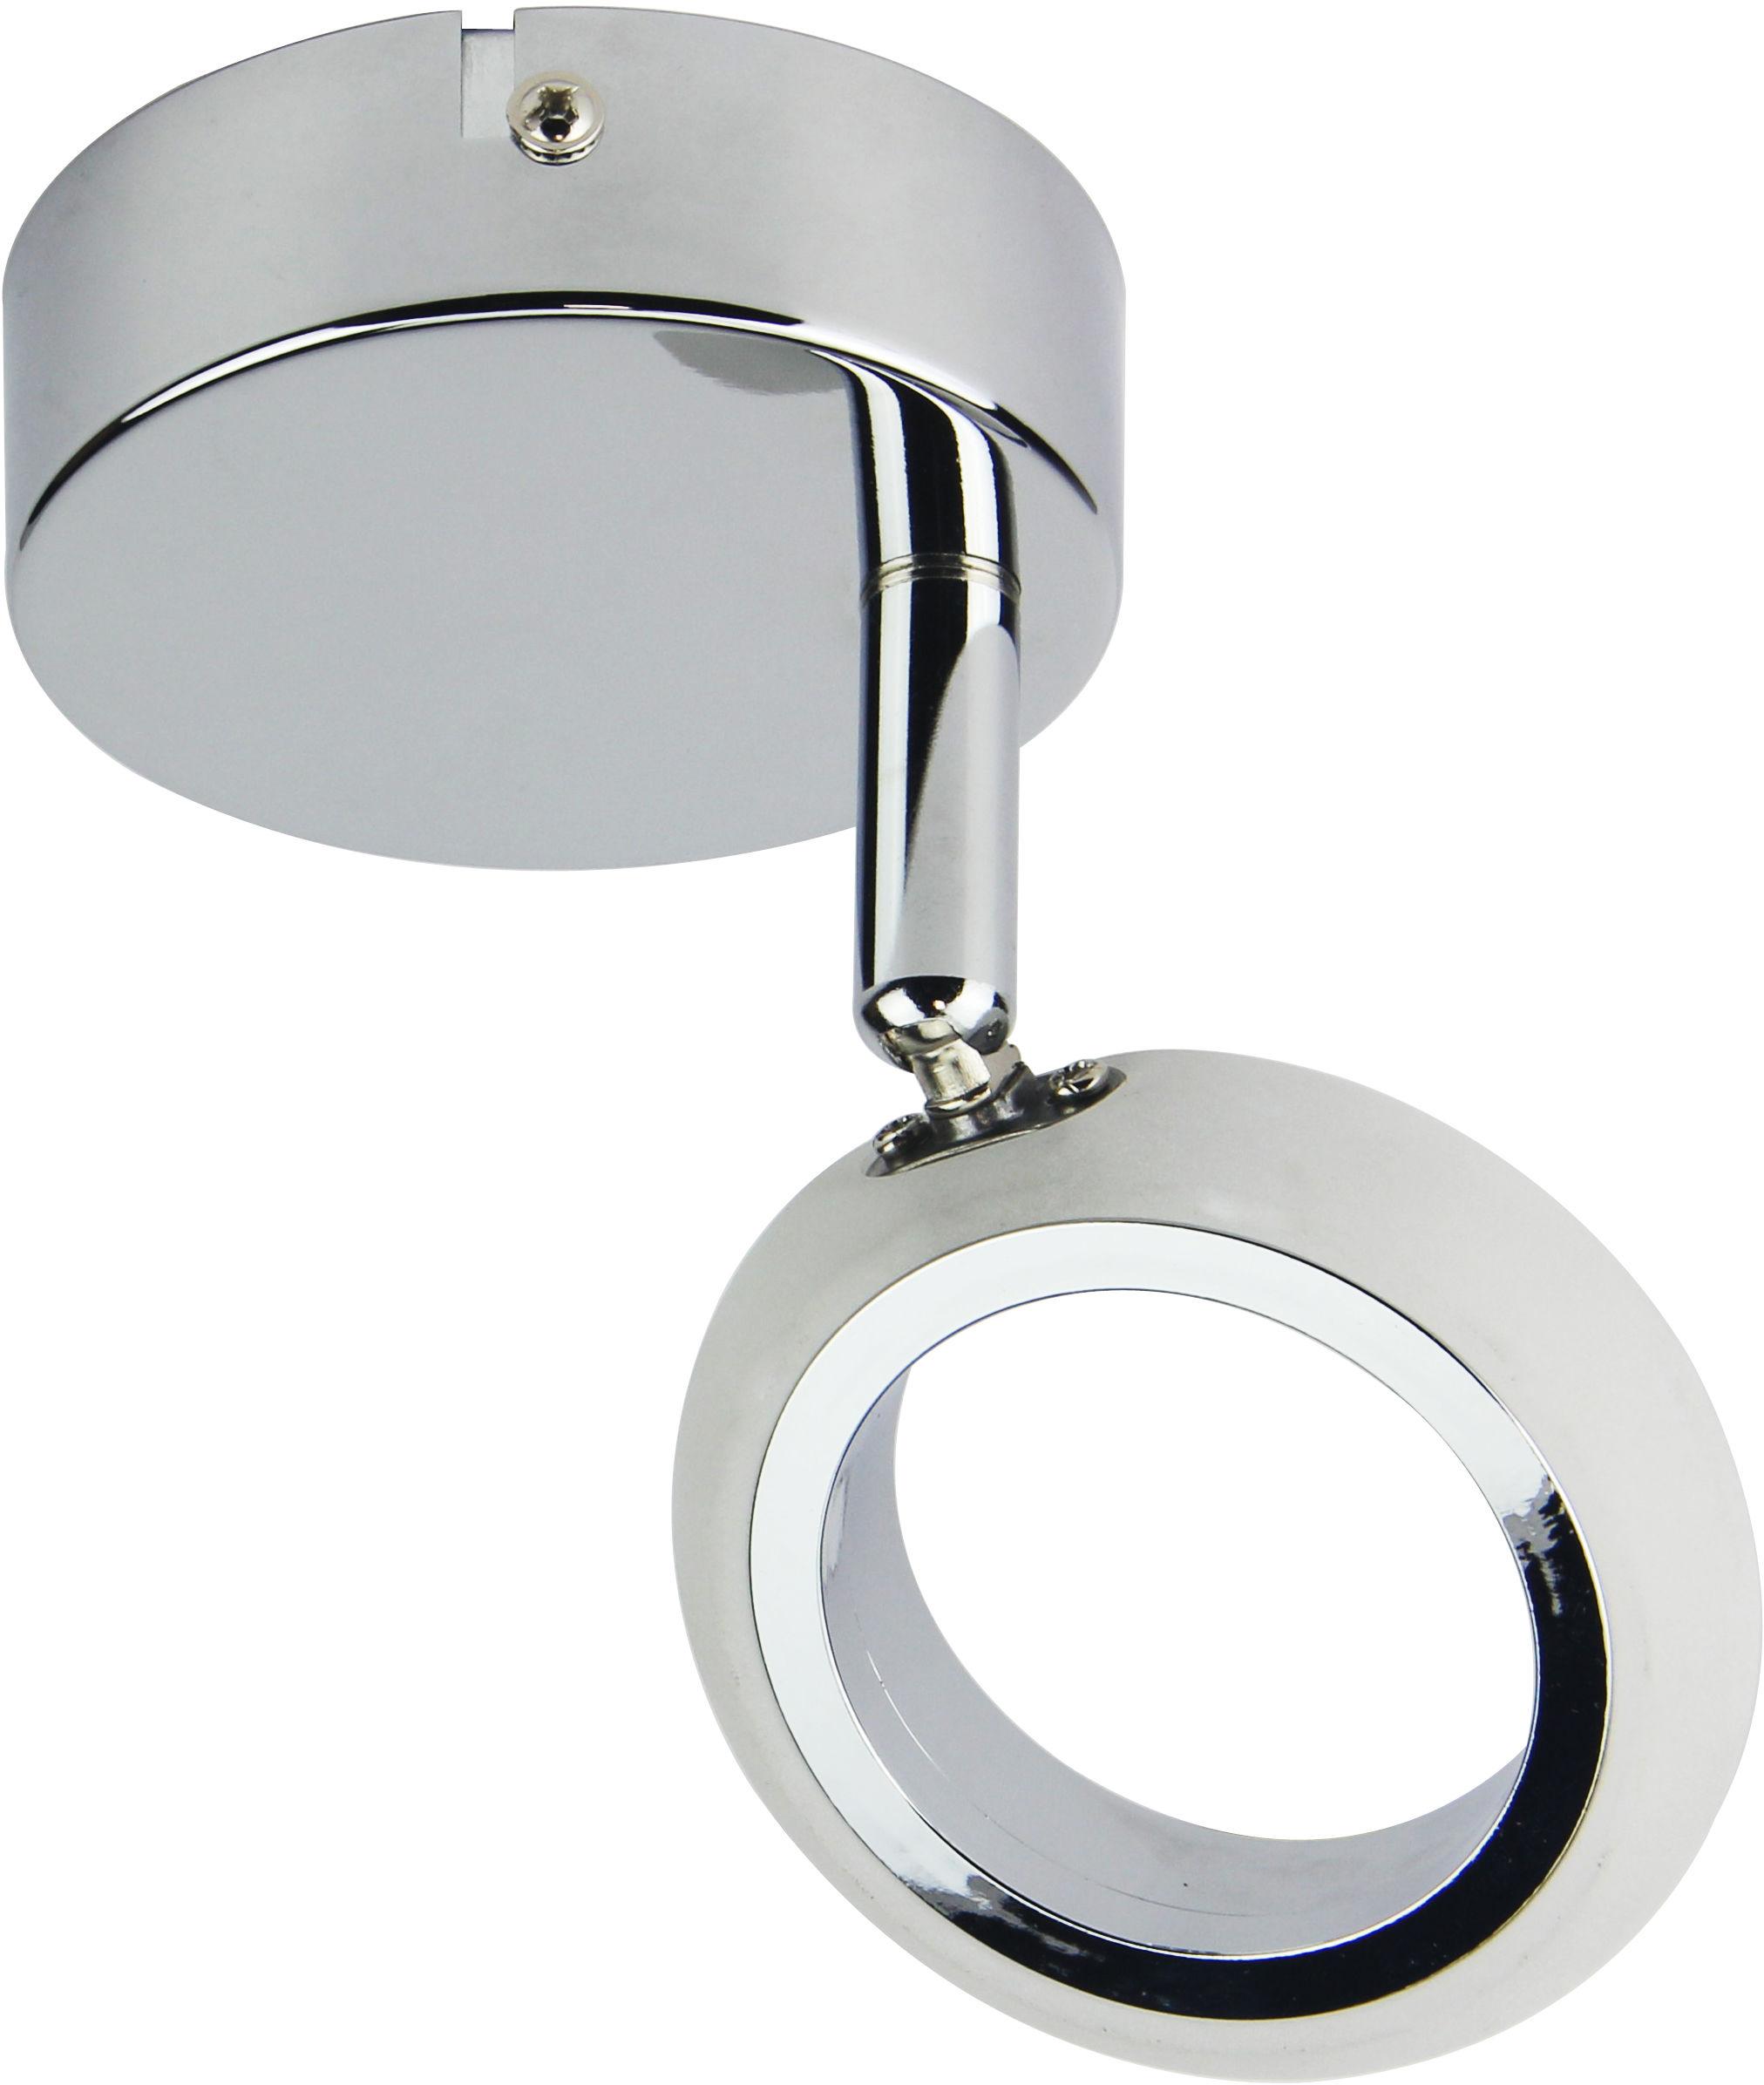 Candellux AURELION 91-65247 kinkiet lampa ścienna 1X4W LED CHROM 3000K 9cm